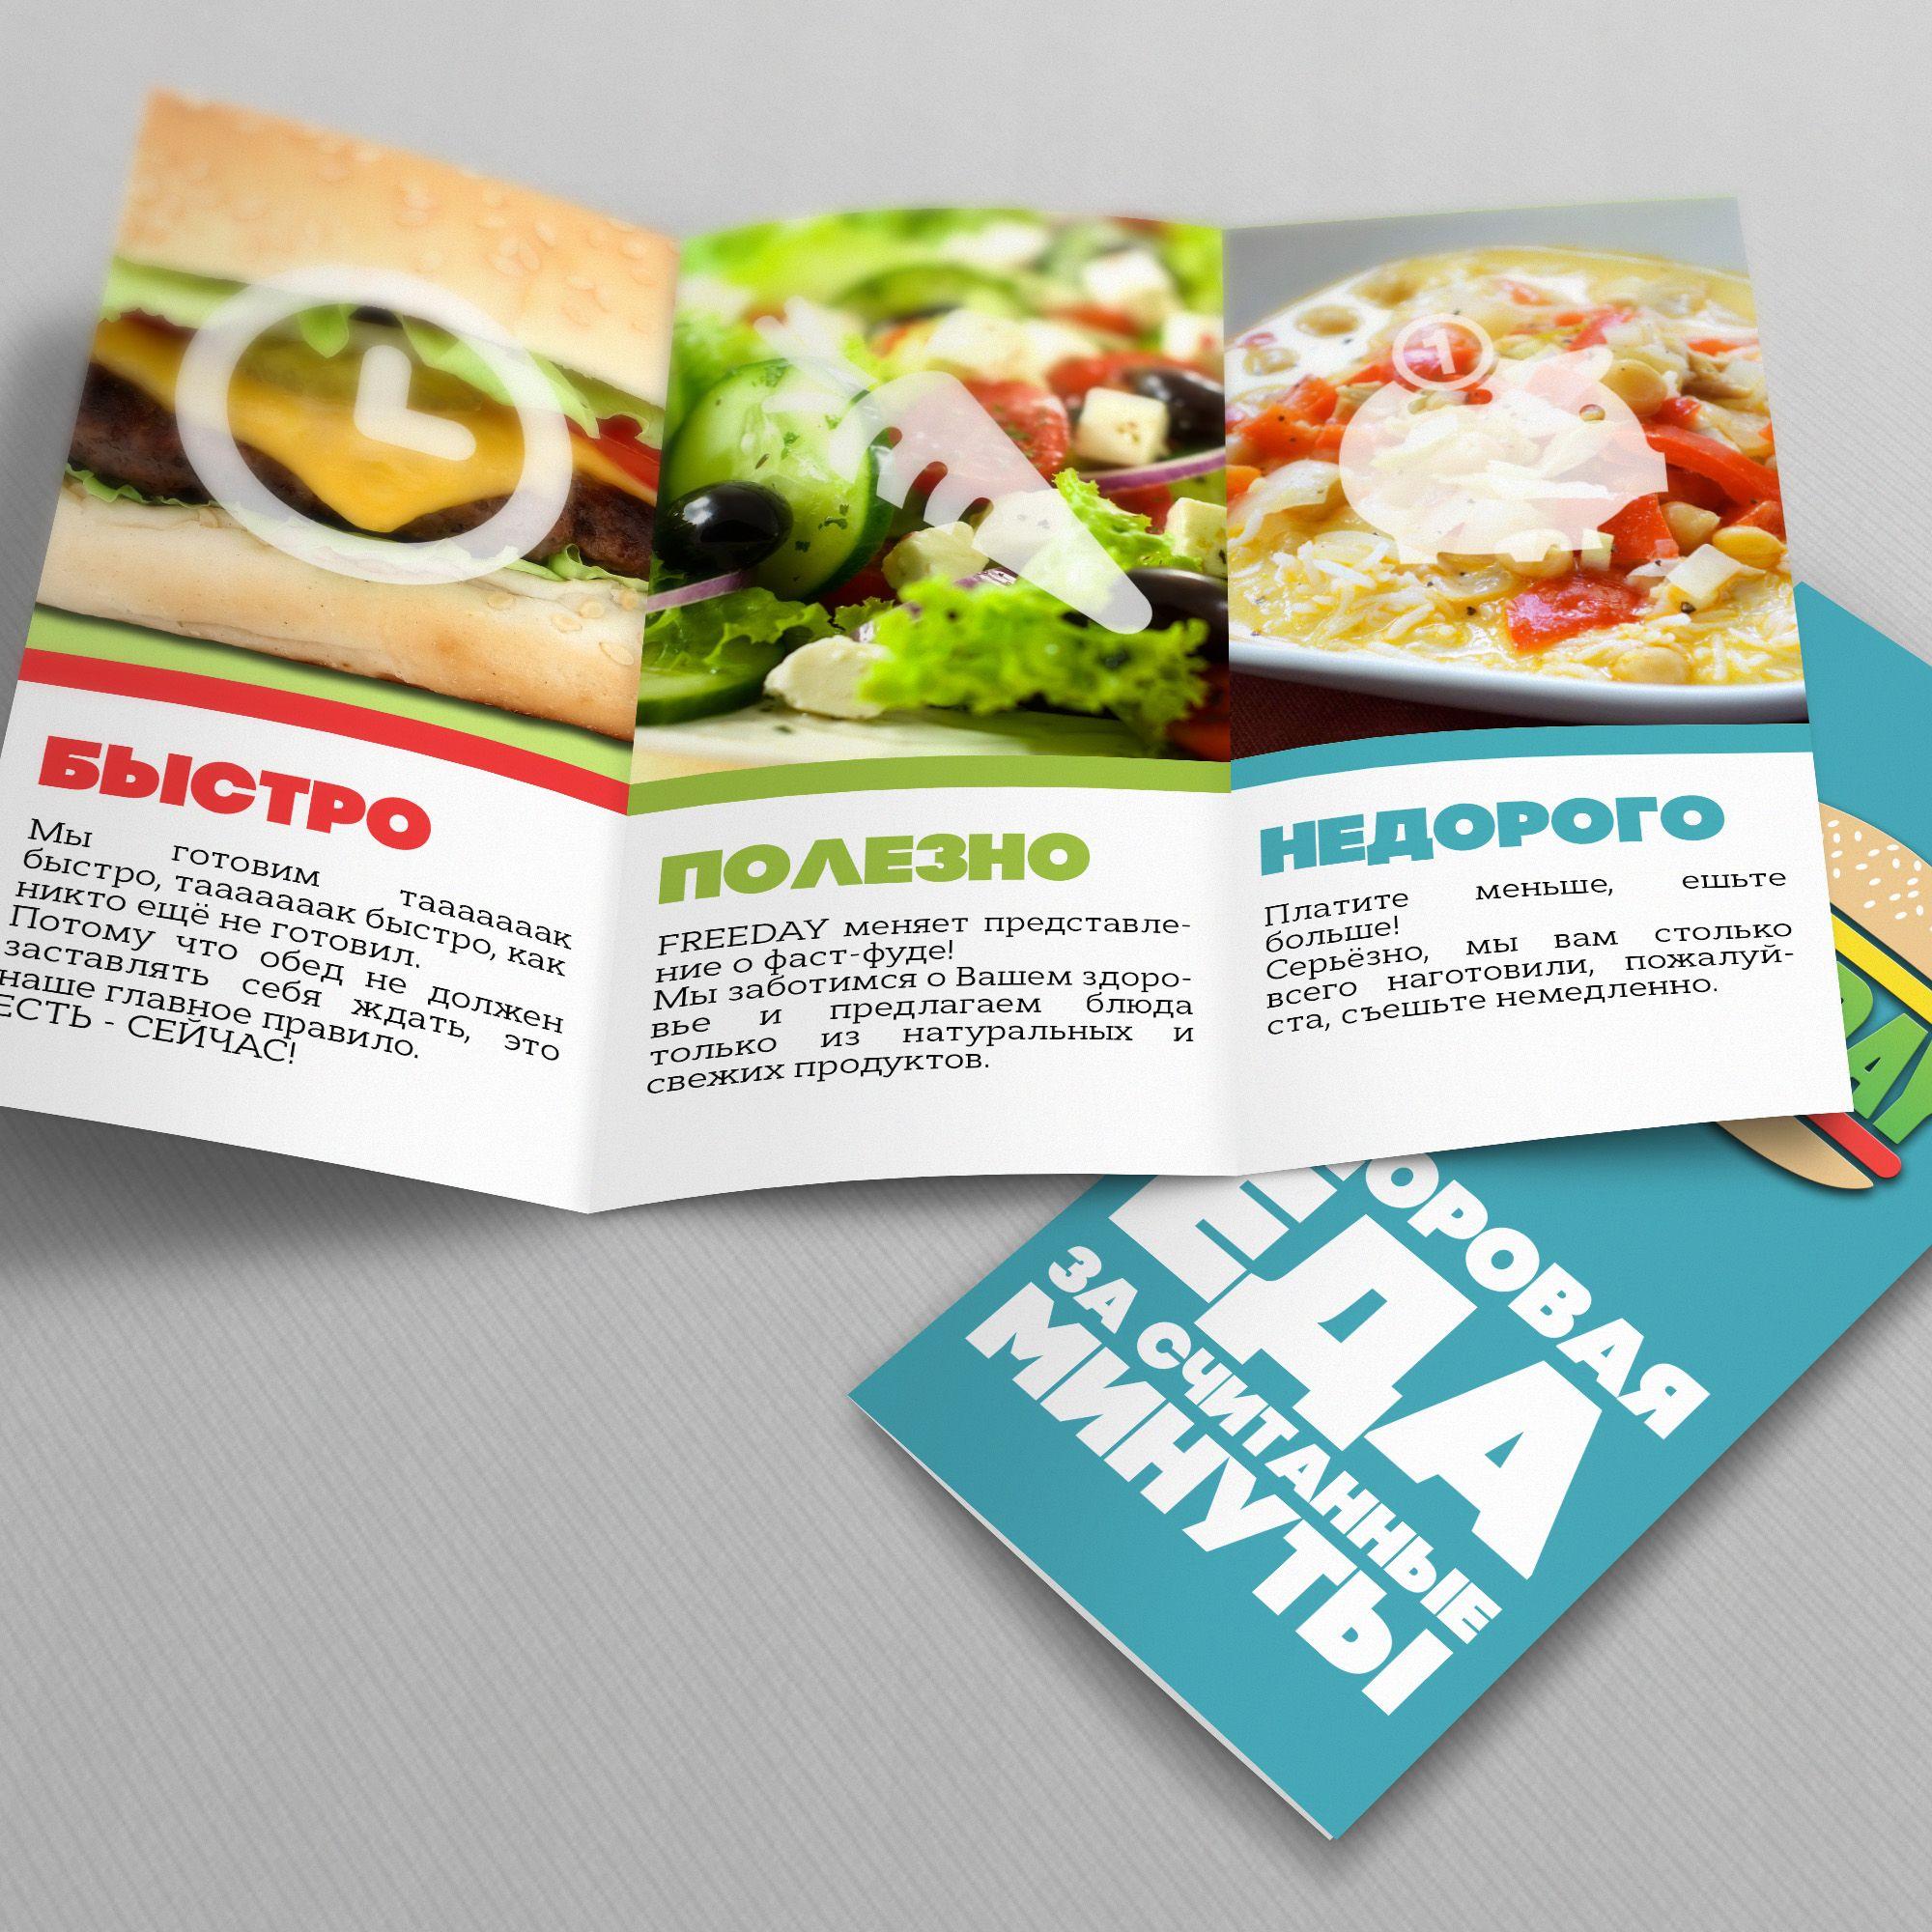 Кафе быстрого обслуживания (fast food) - дизайнер designvamp